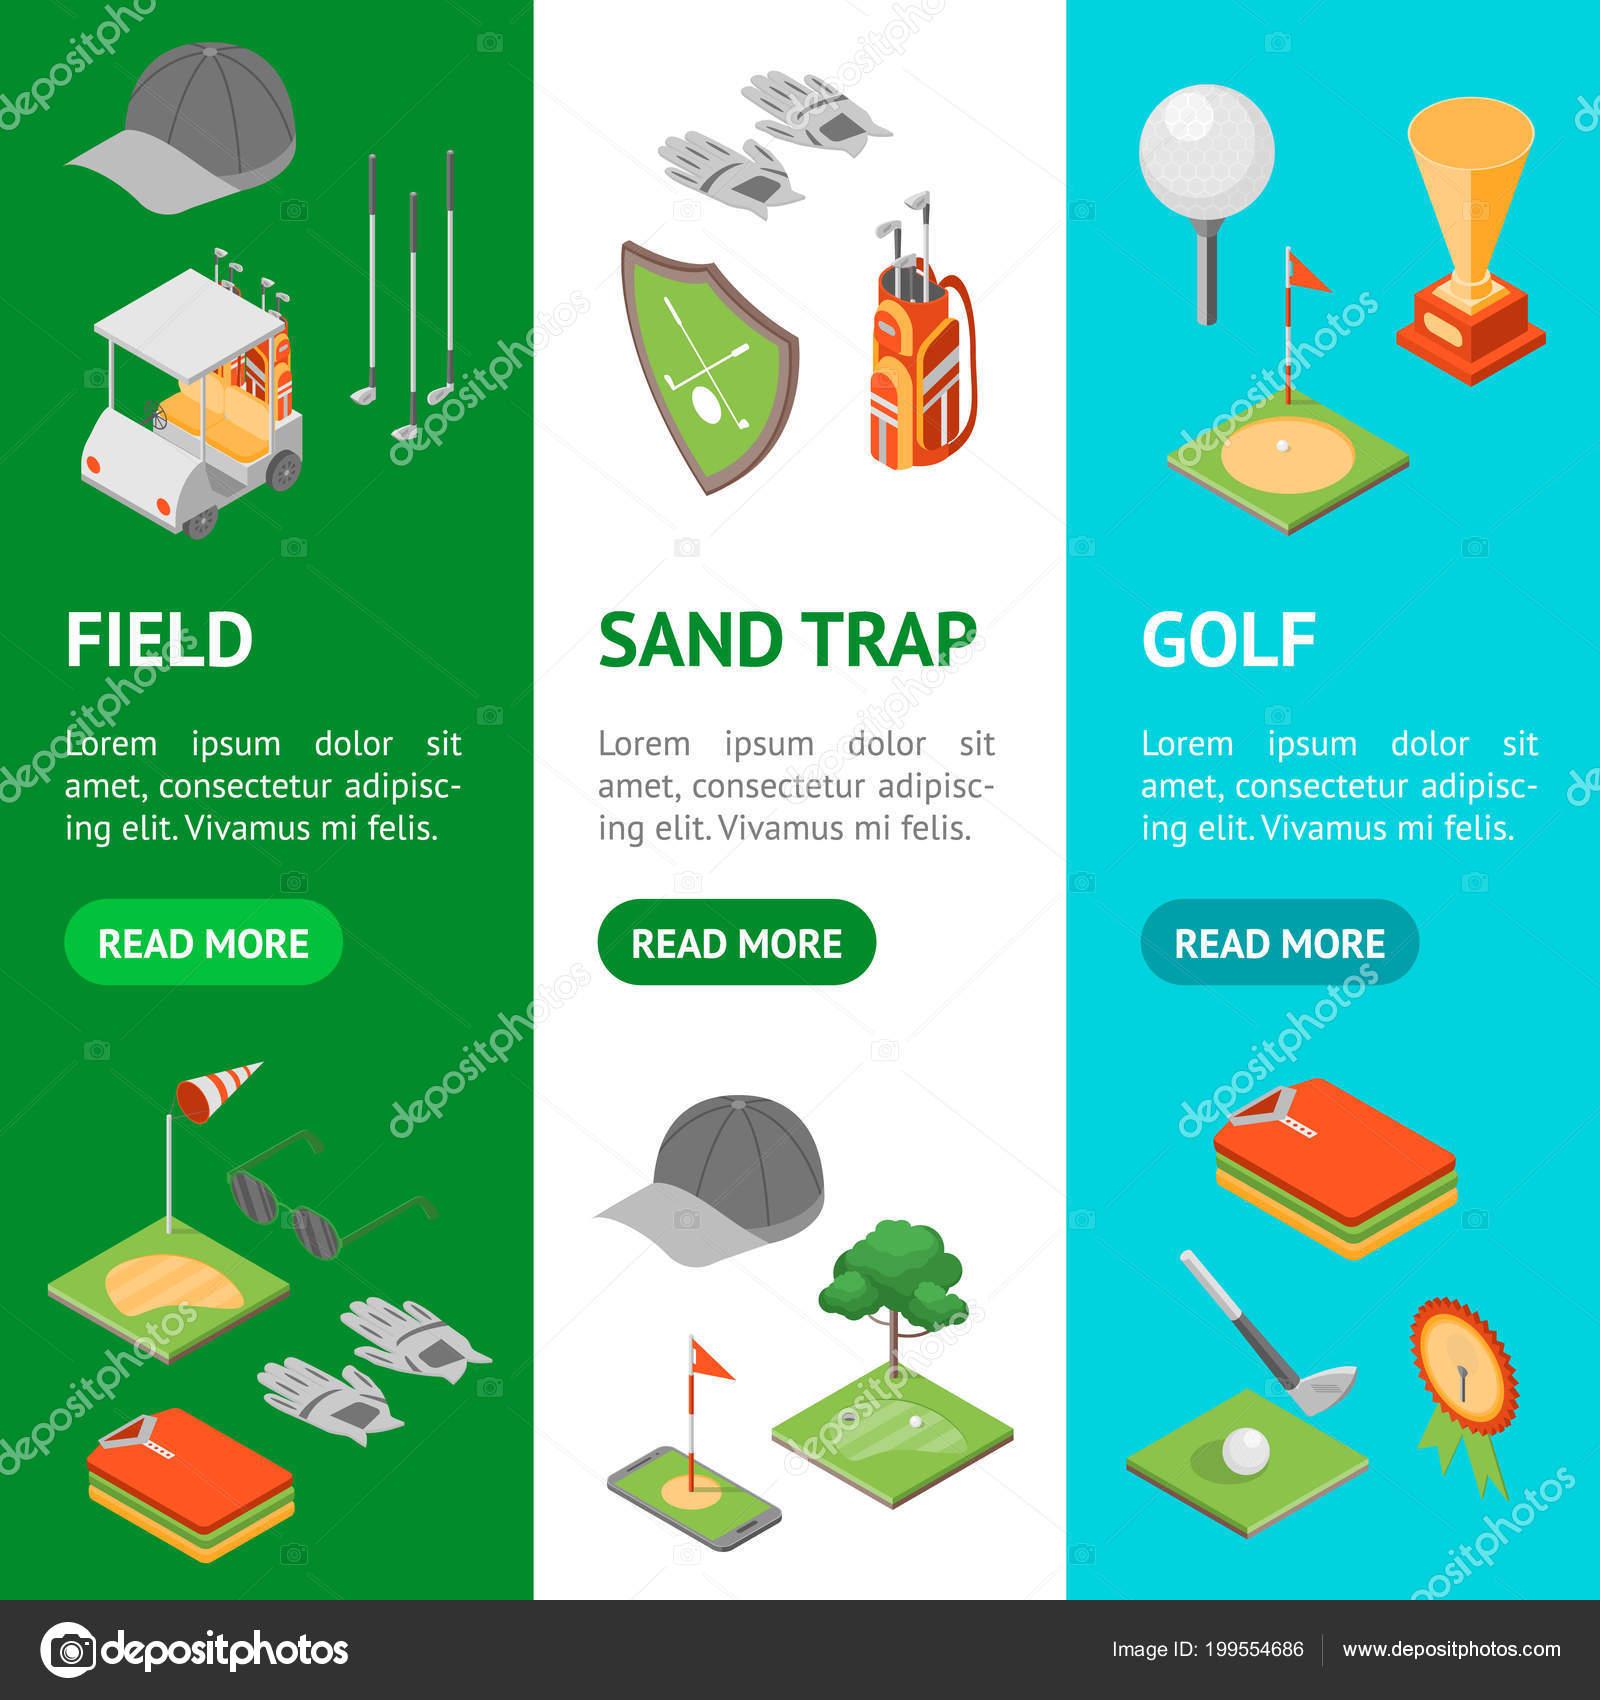 b140155e0 Equipo de juego de golf Banner Vecrtical conjunto vista isométrica son de  bandera